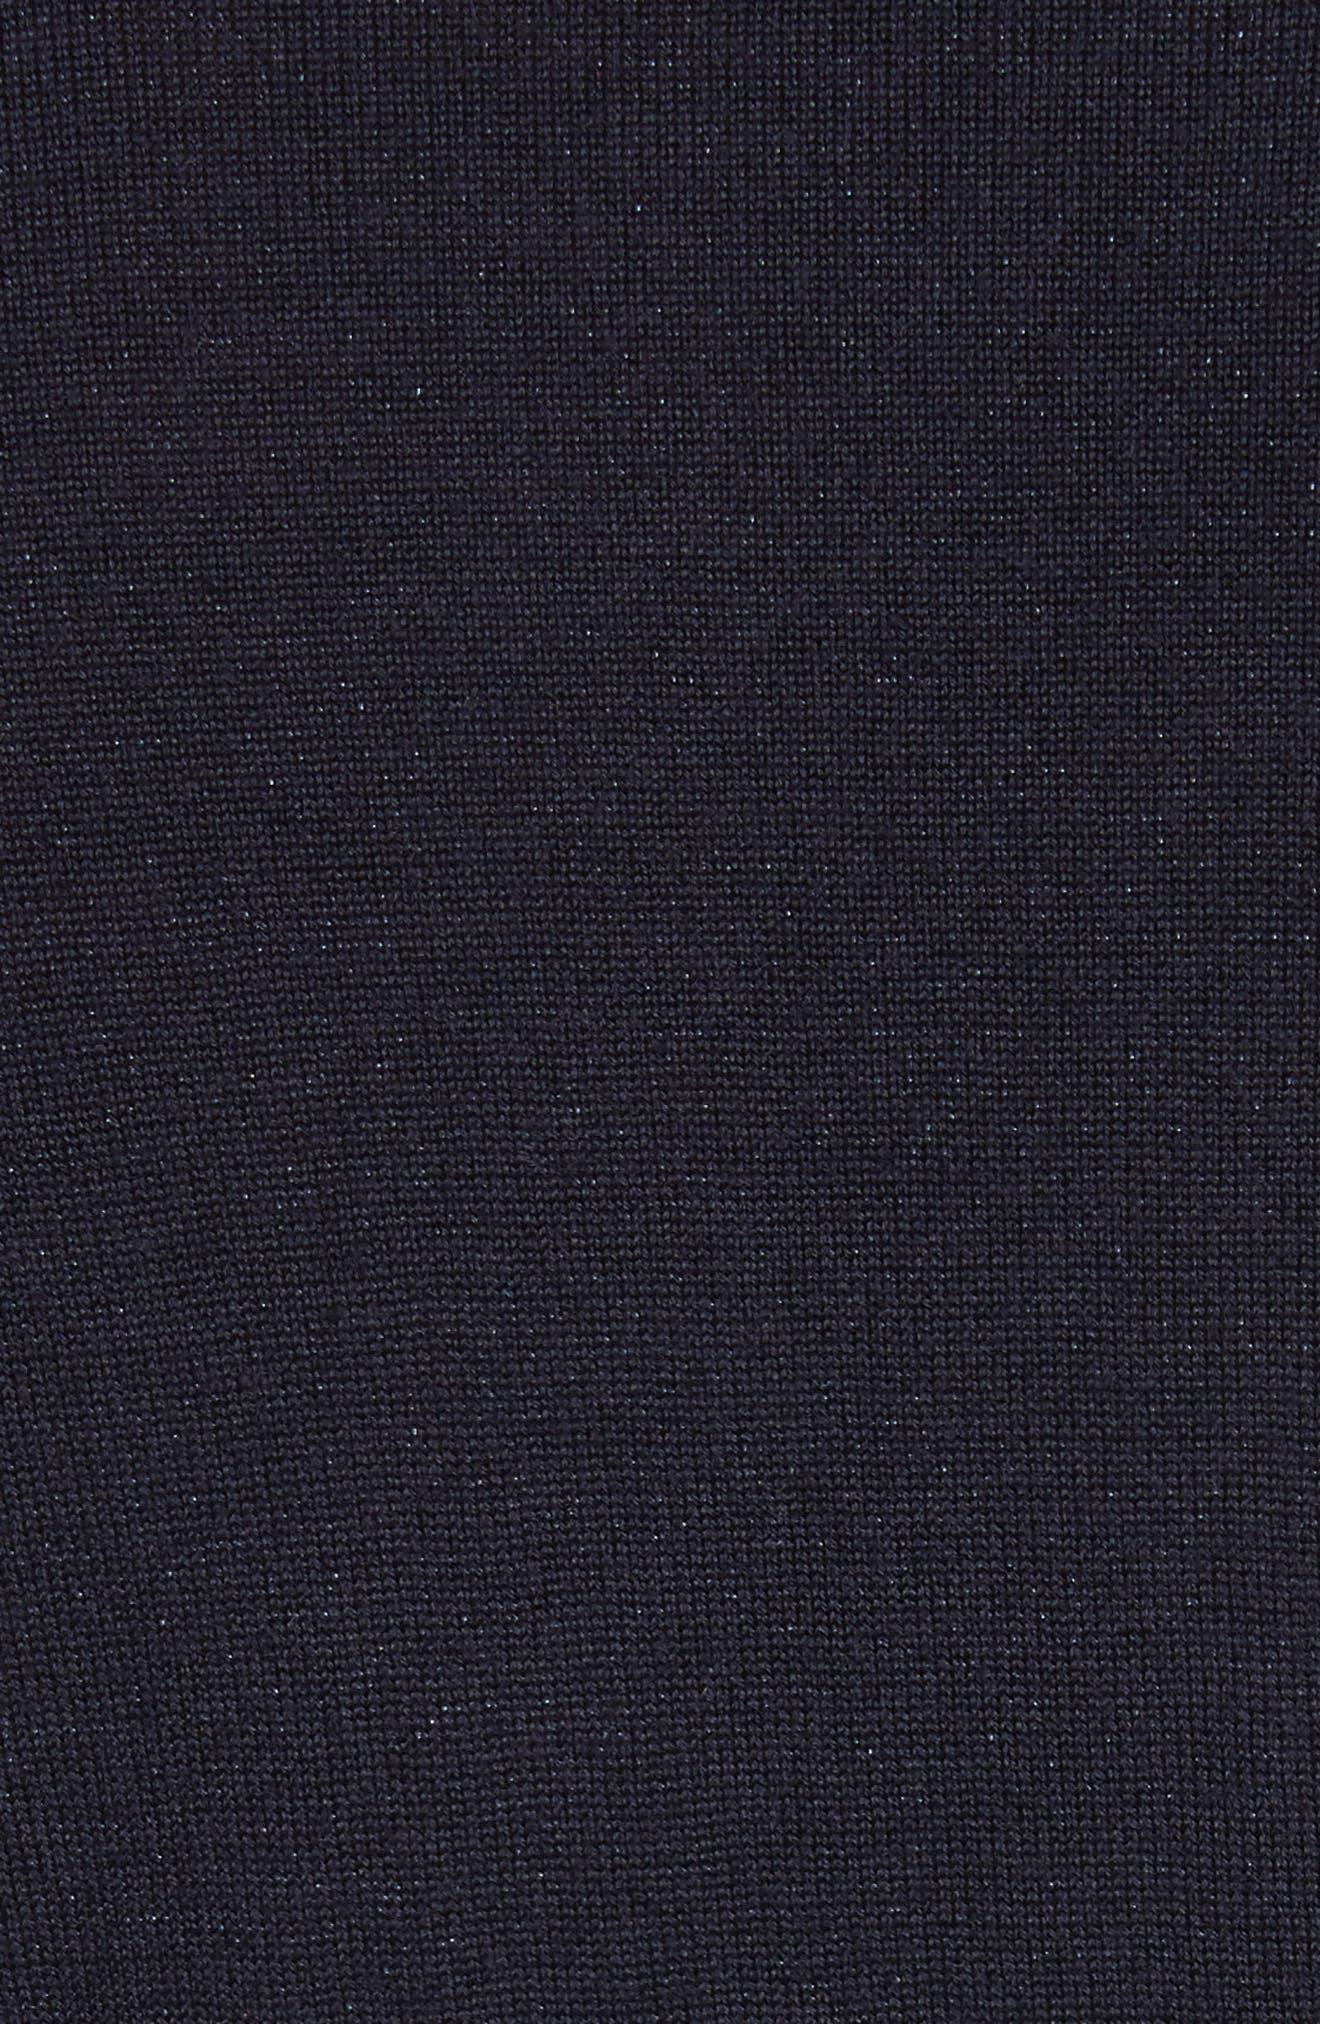 AJ V-Neck Sweater,                             Alternate thumbnail 5, color,                             Night Blue